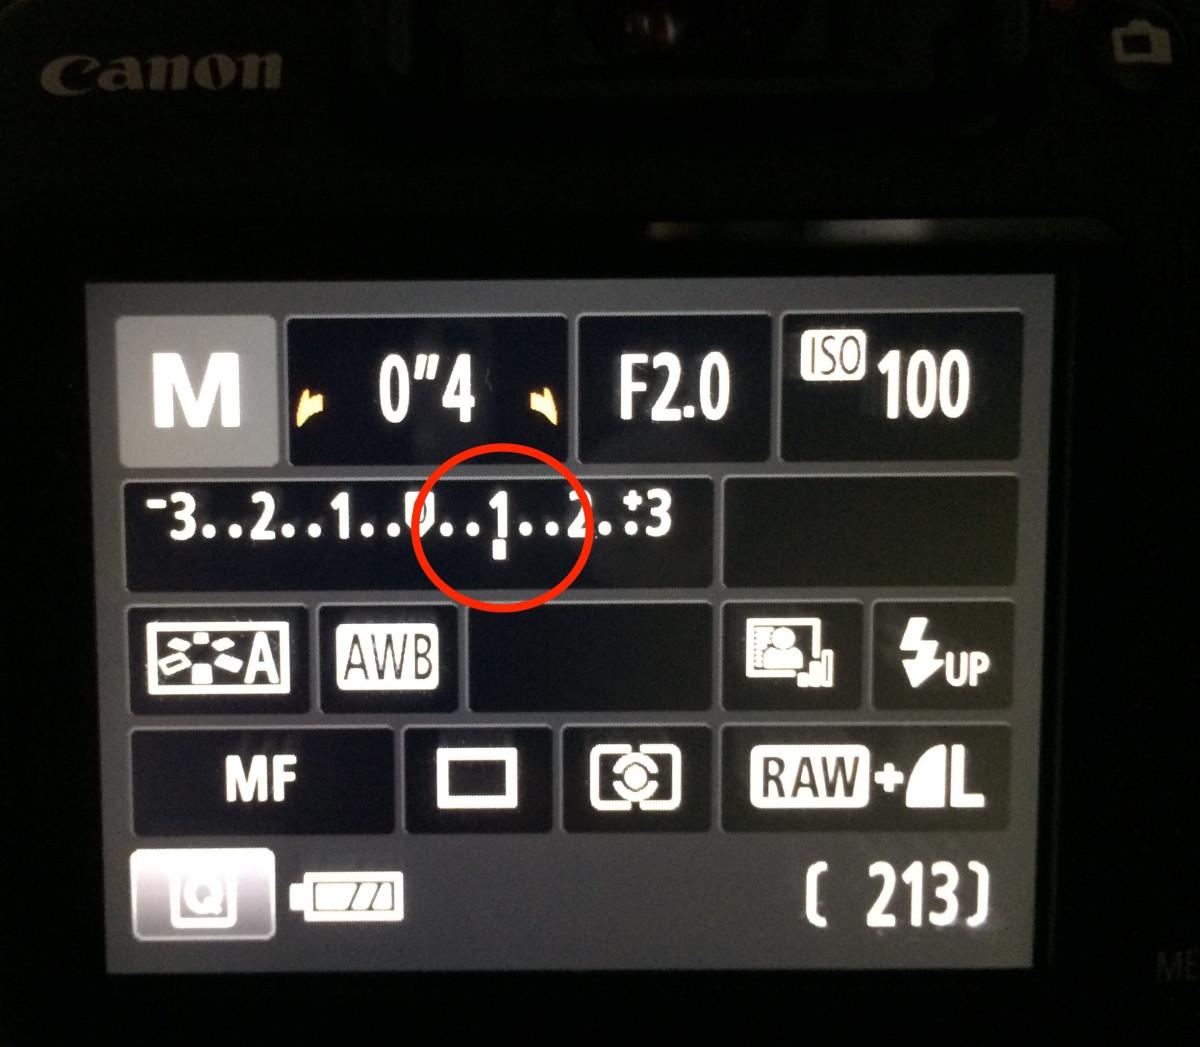 Meter showing overexposure